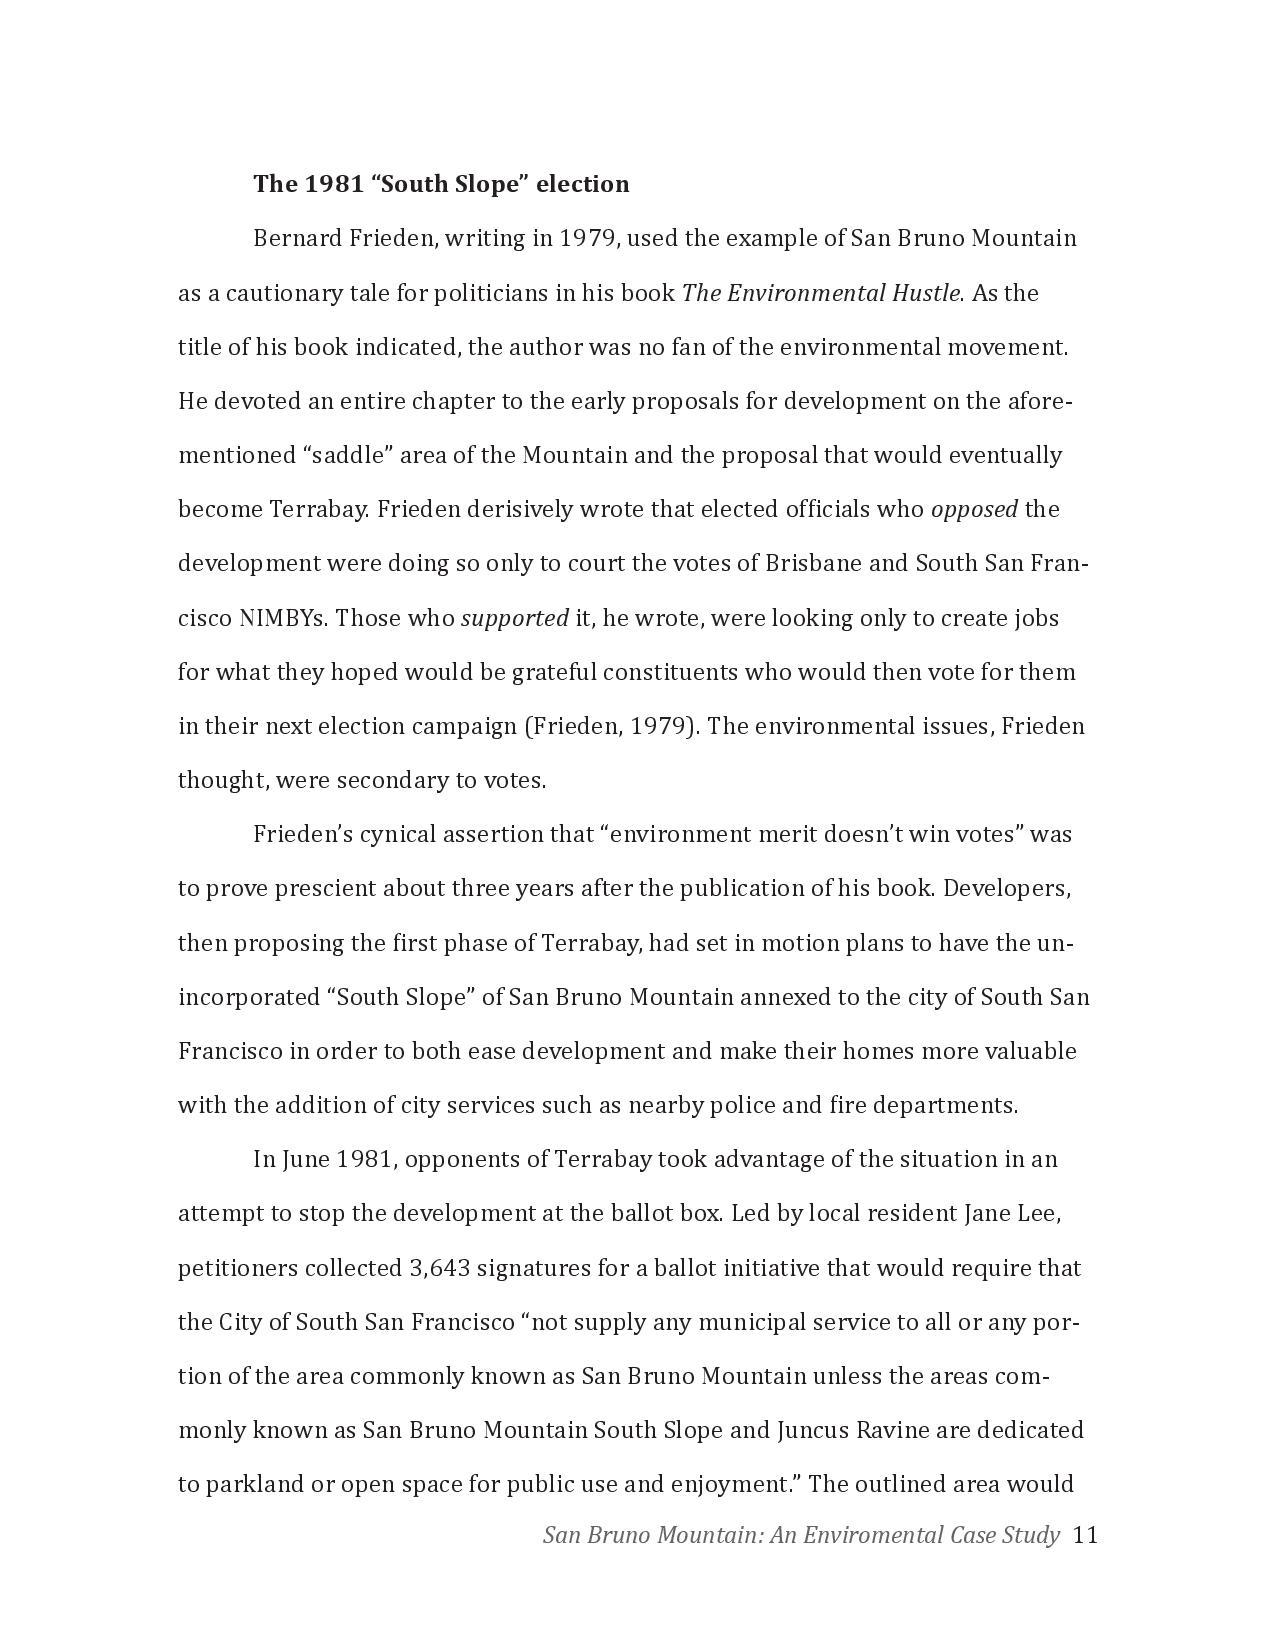 SBM An Environmental Case Study J Baker-page-011